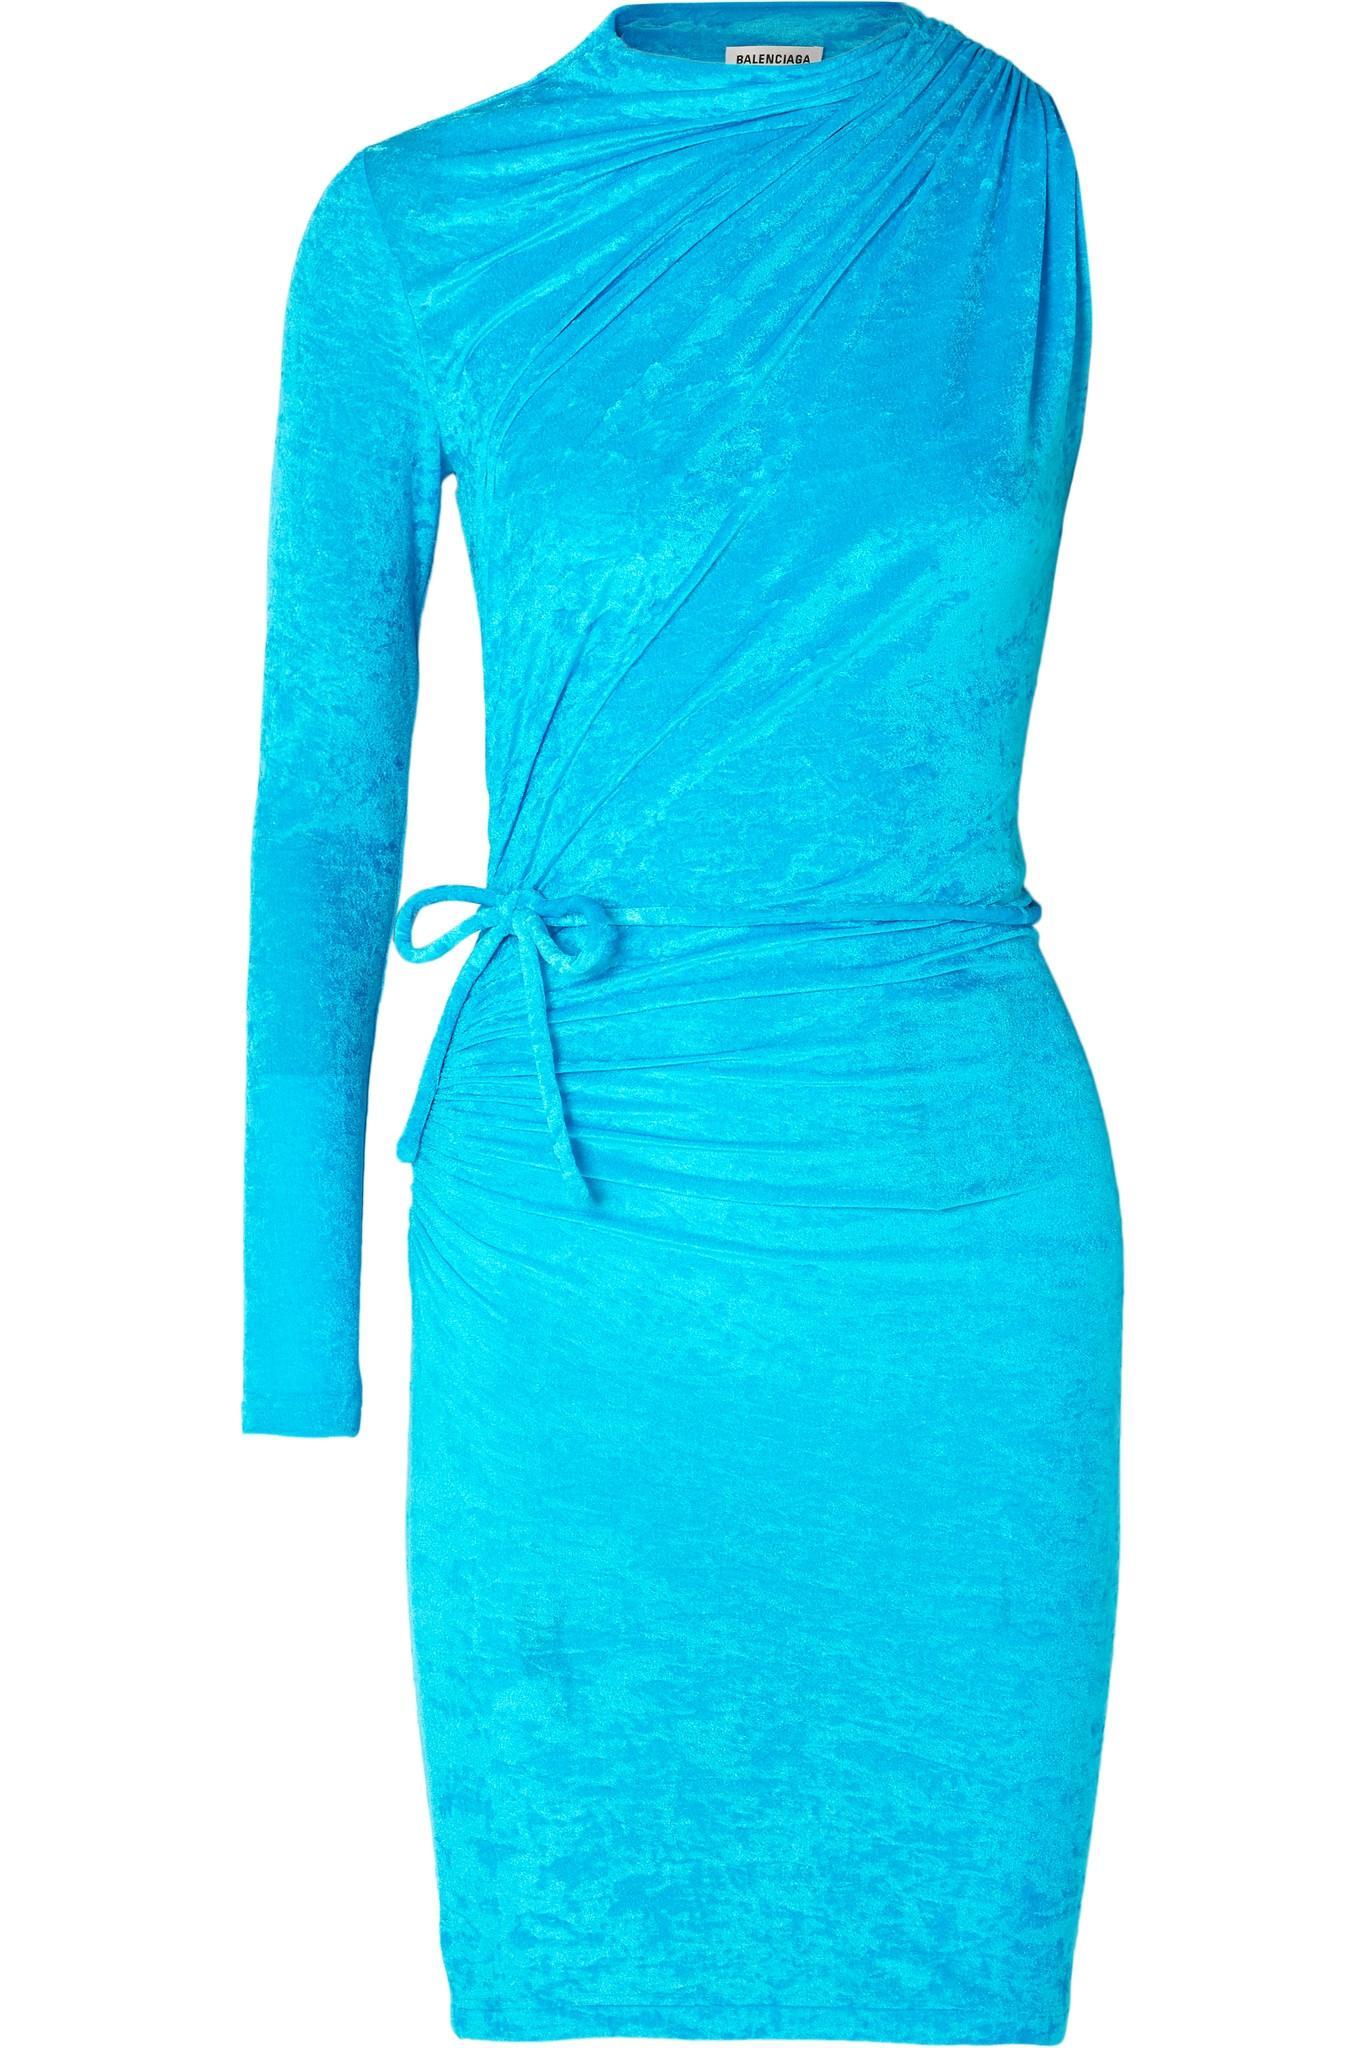 7b41c0f55c9 Balenciaga - Blue Draped Mini Dress - Lyst. View fullscreen